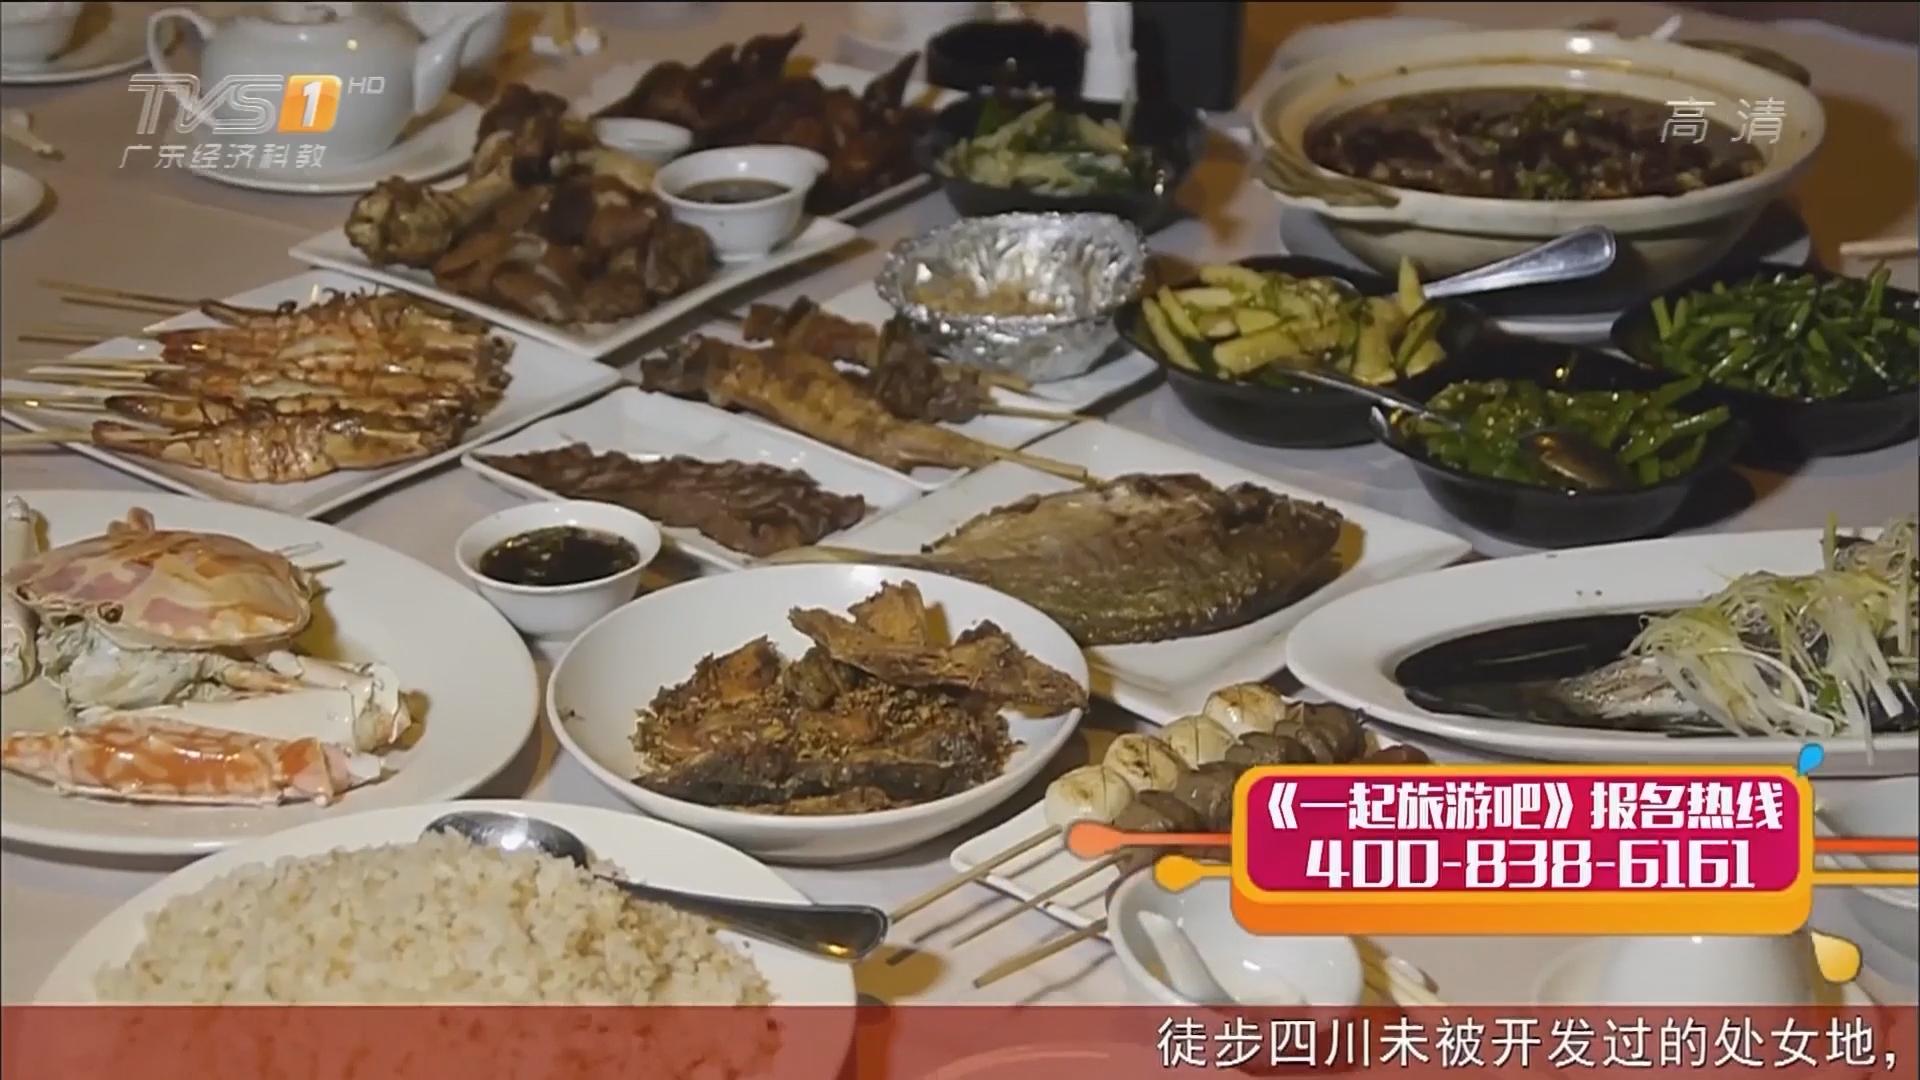 菲律宾——拉瓦格美食菲律宾油炸食物